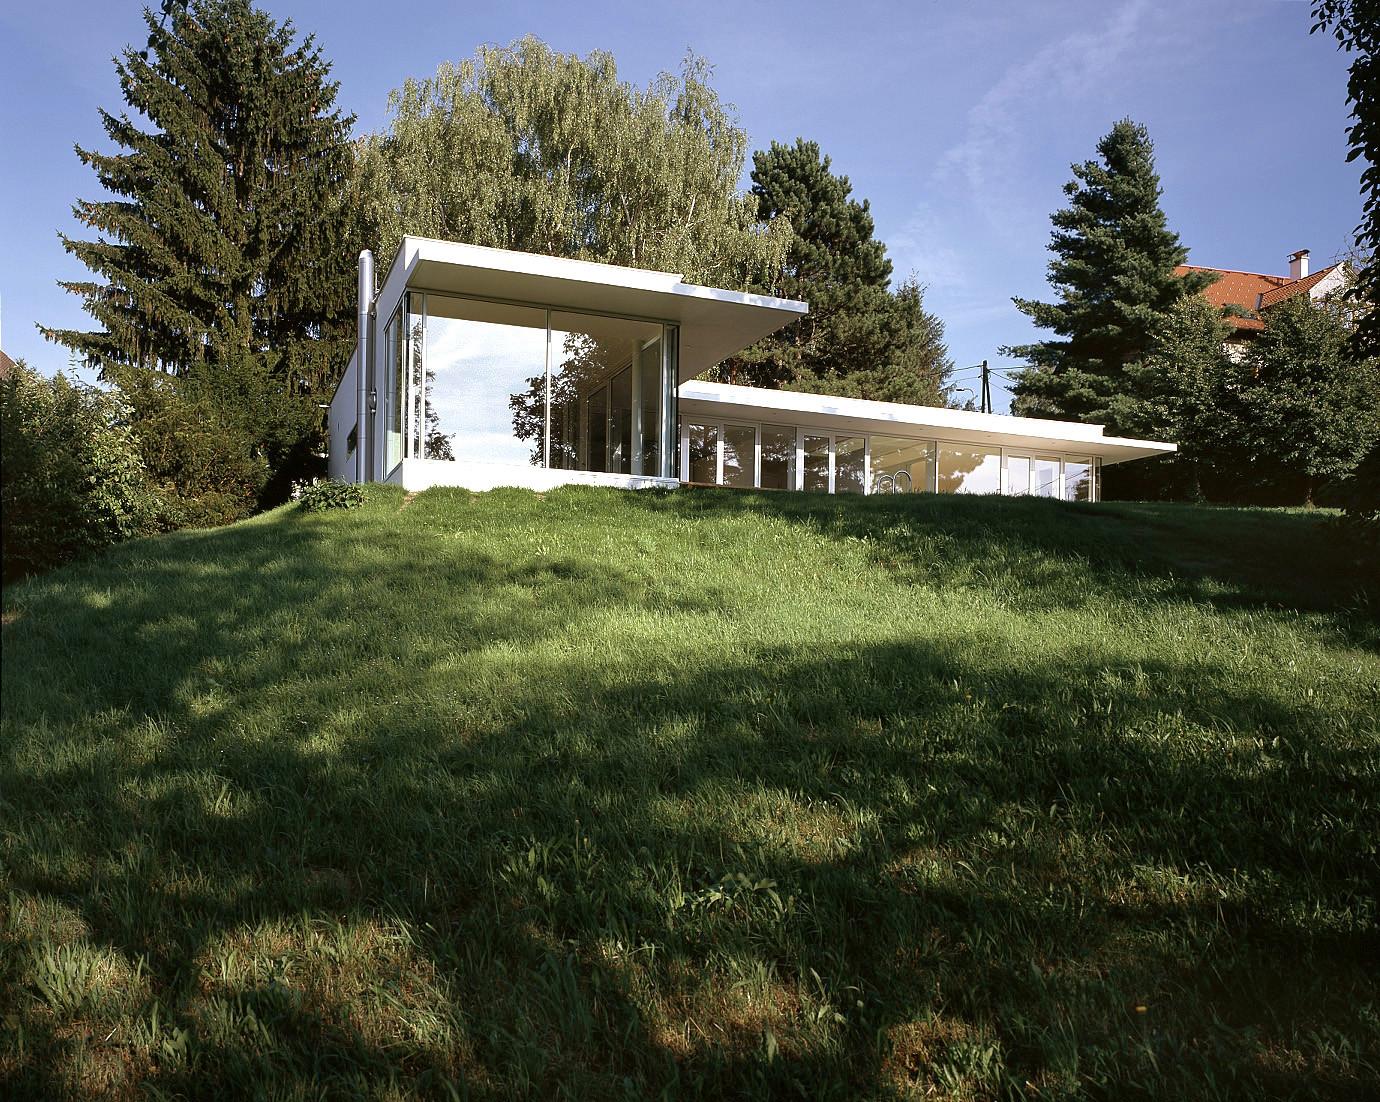 © RUNSER / PRANTL architekten, Haus K., 3413 Oberkirchbach, Niederösterreich, Österreich, 2005, Wohnhaus, Bad, Fotograf Margherita Spiluttini